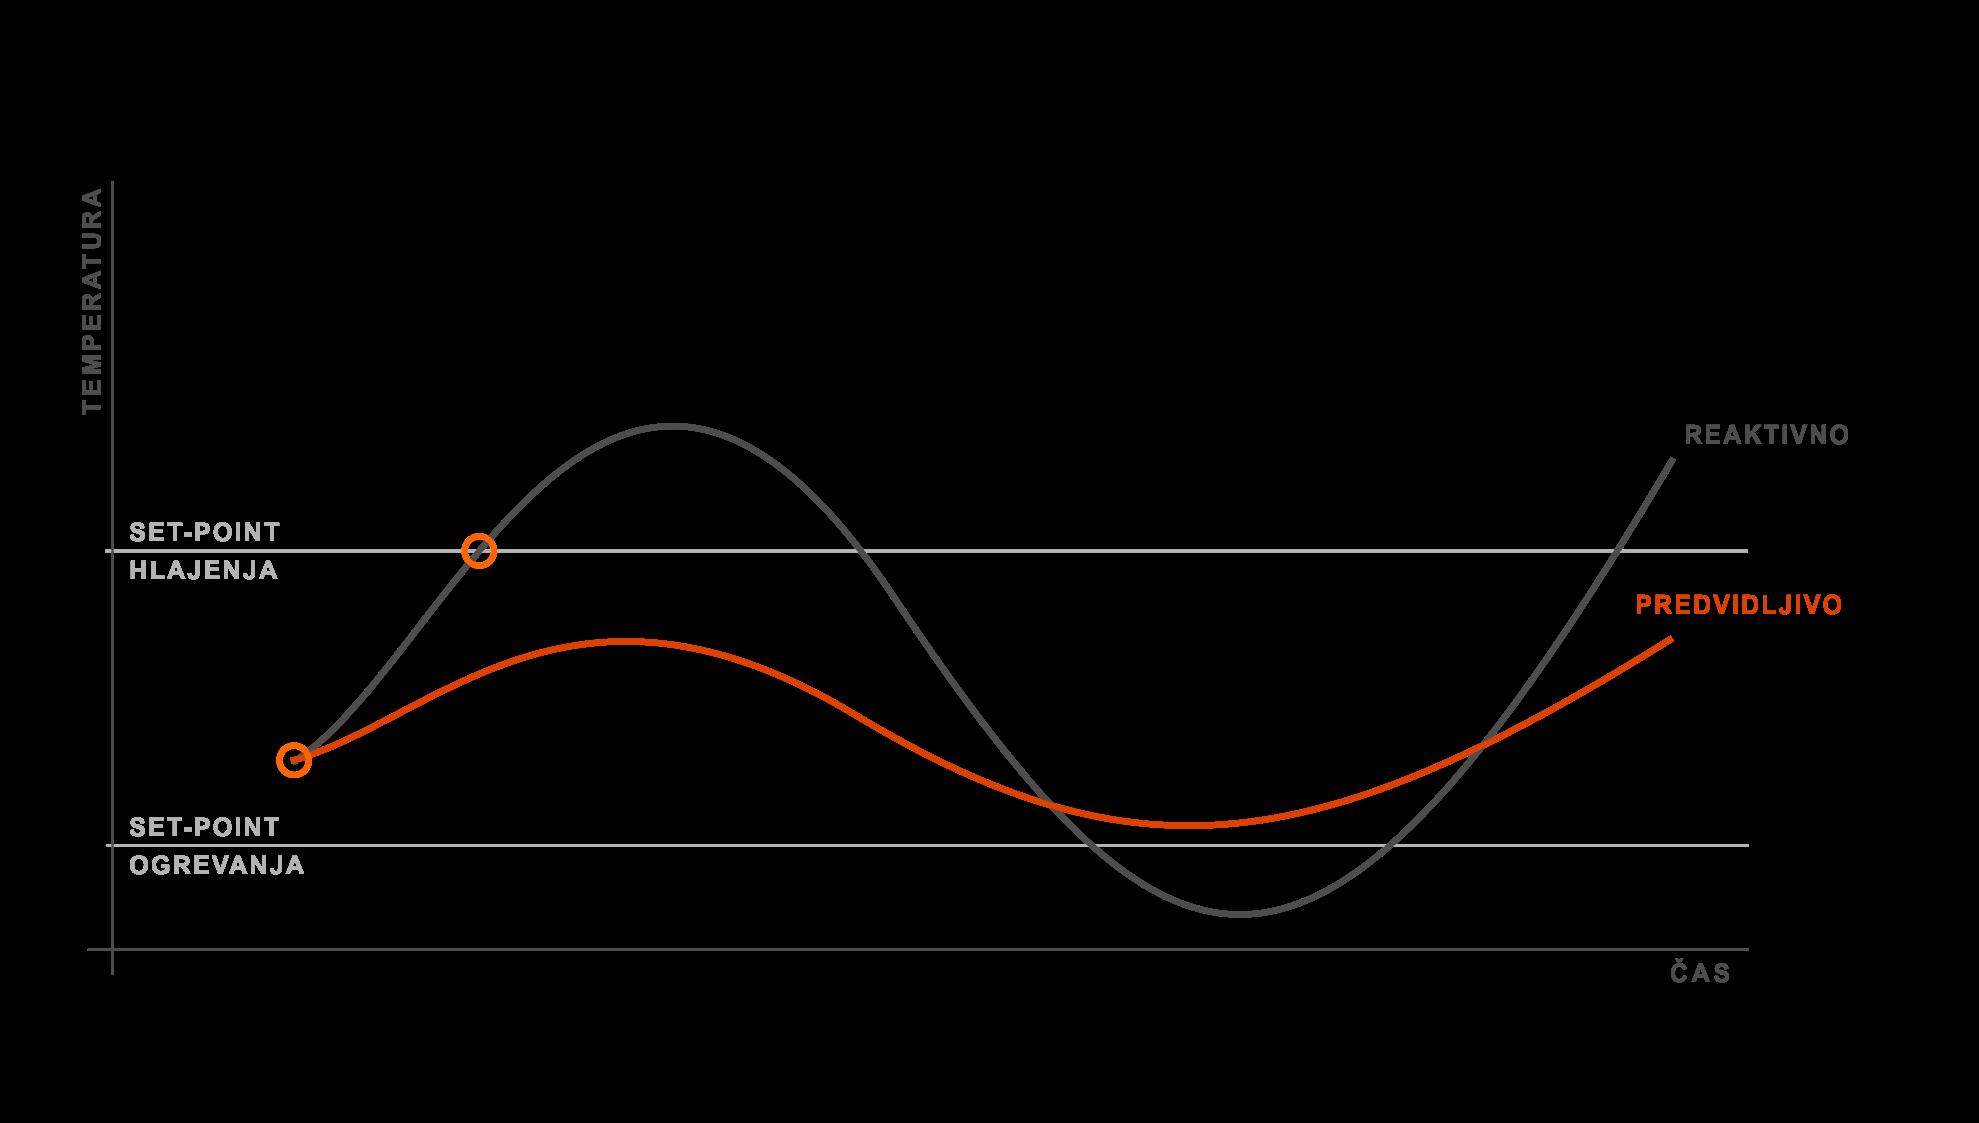 prediktivna-reaktivna-klimatizacija-prezracevanje-ogrevanje-hlajenje-MERB